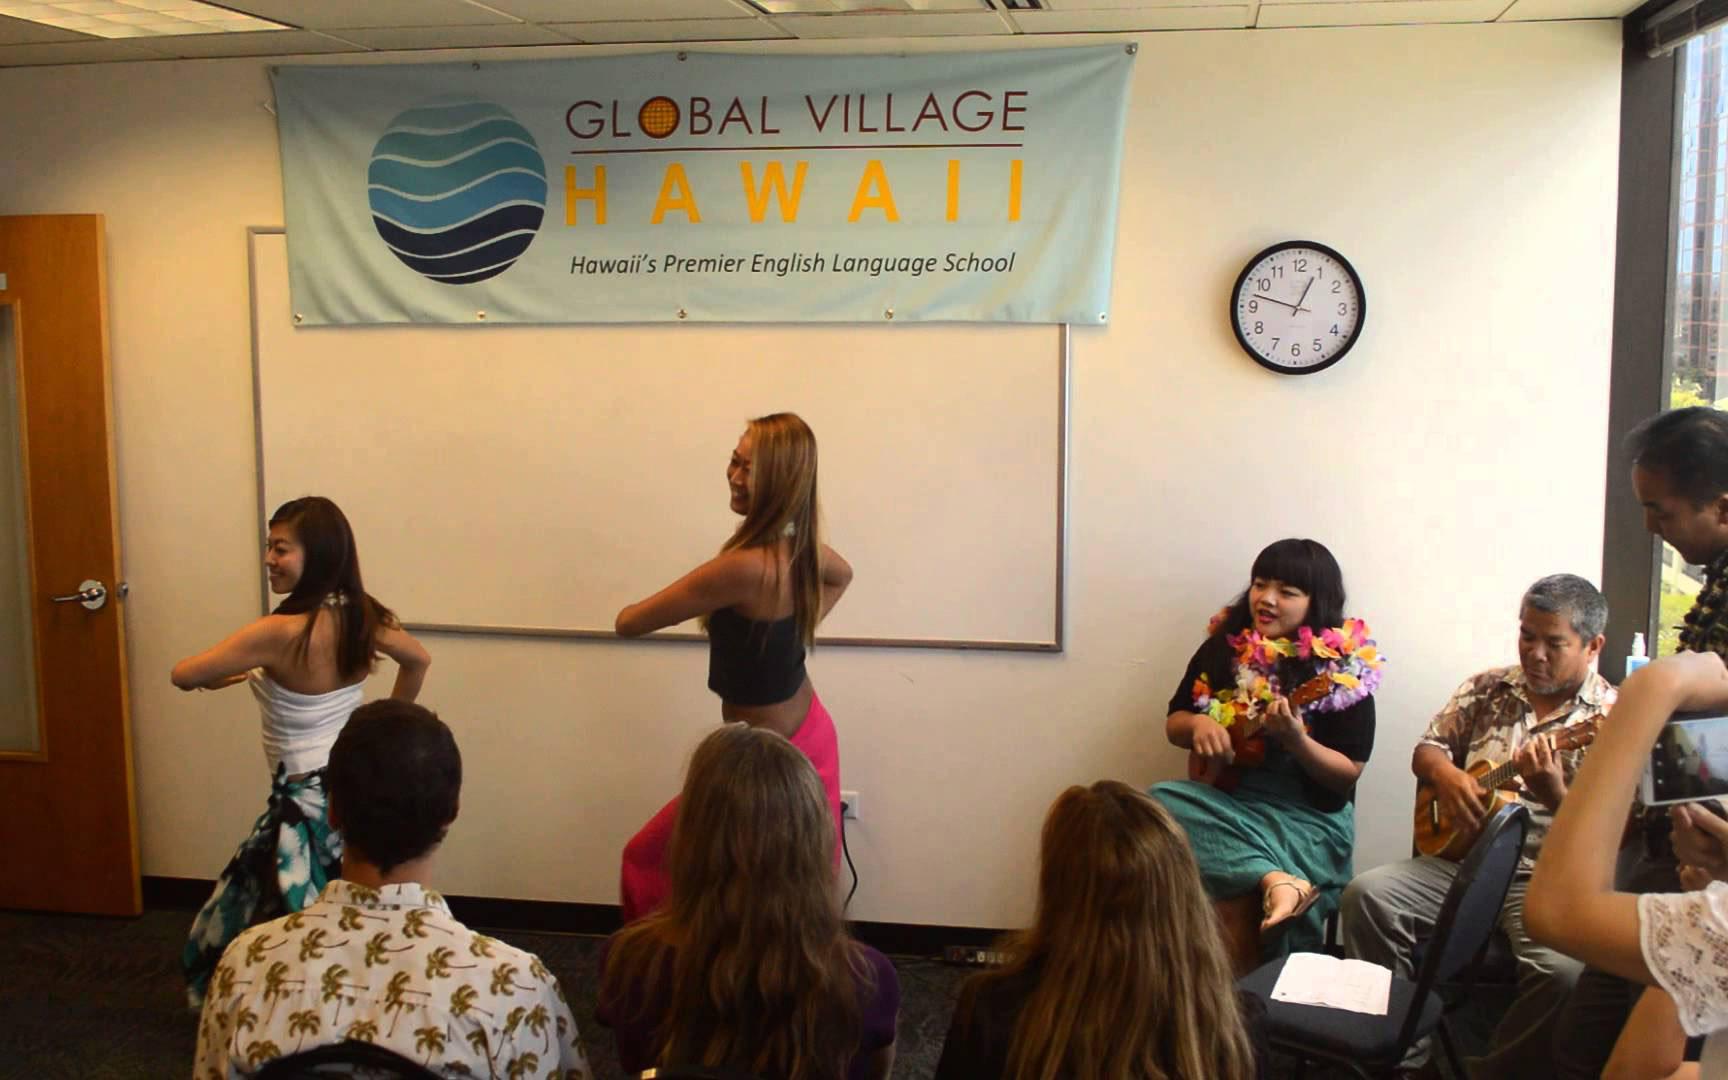 Global Village Hawaii-3拷貝